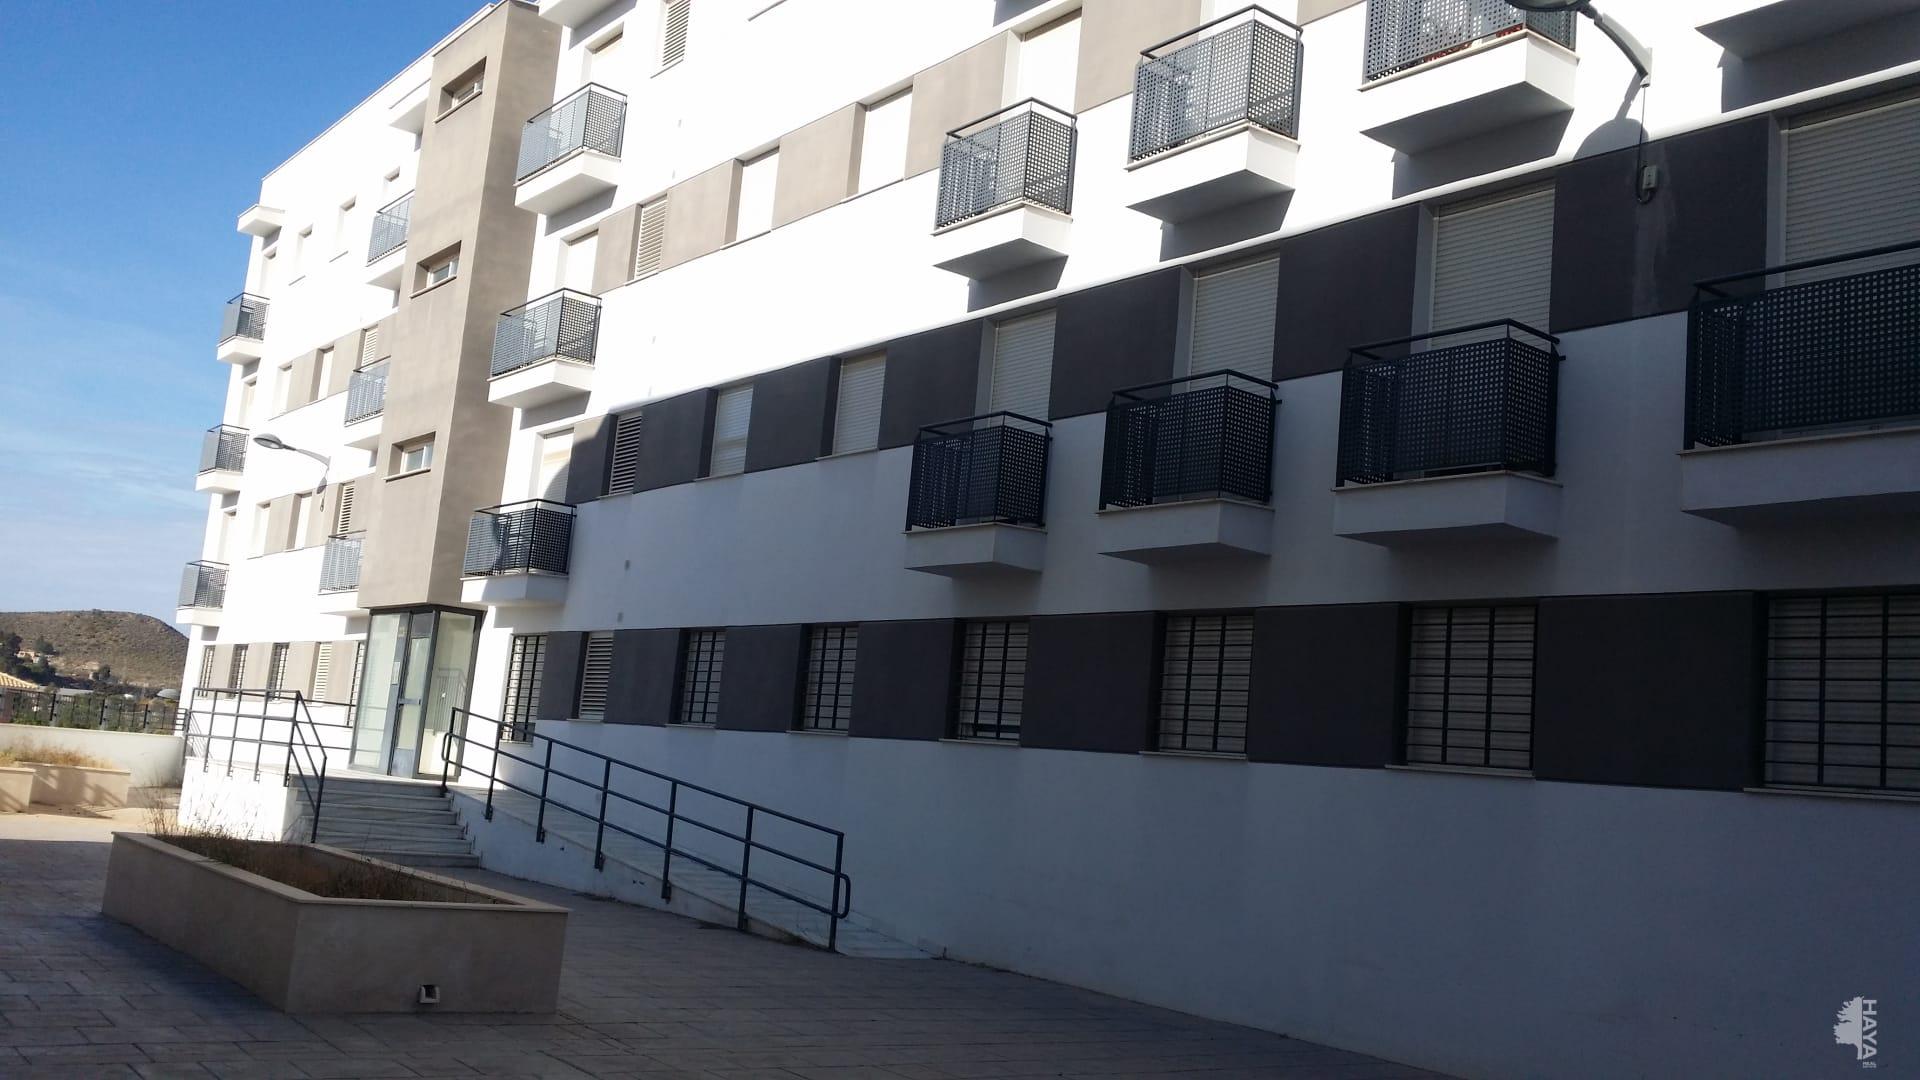 Piso en venta en Huitar Mayor, Olula del Río, Almería, Calle Alta, 74.800 €, 3 habitaciones, 1 baño, 99 m2